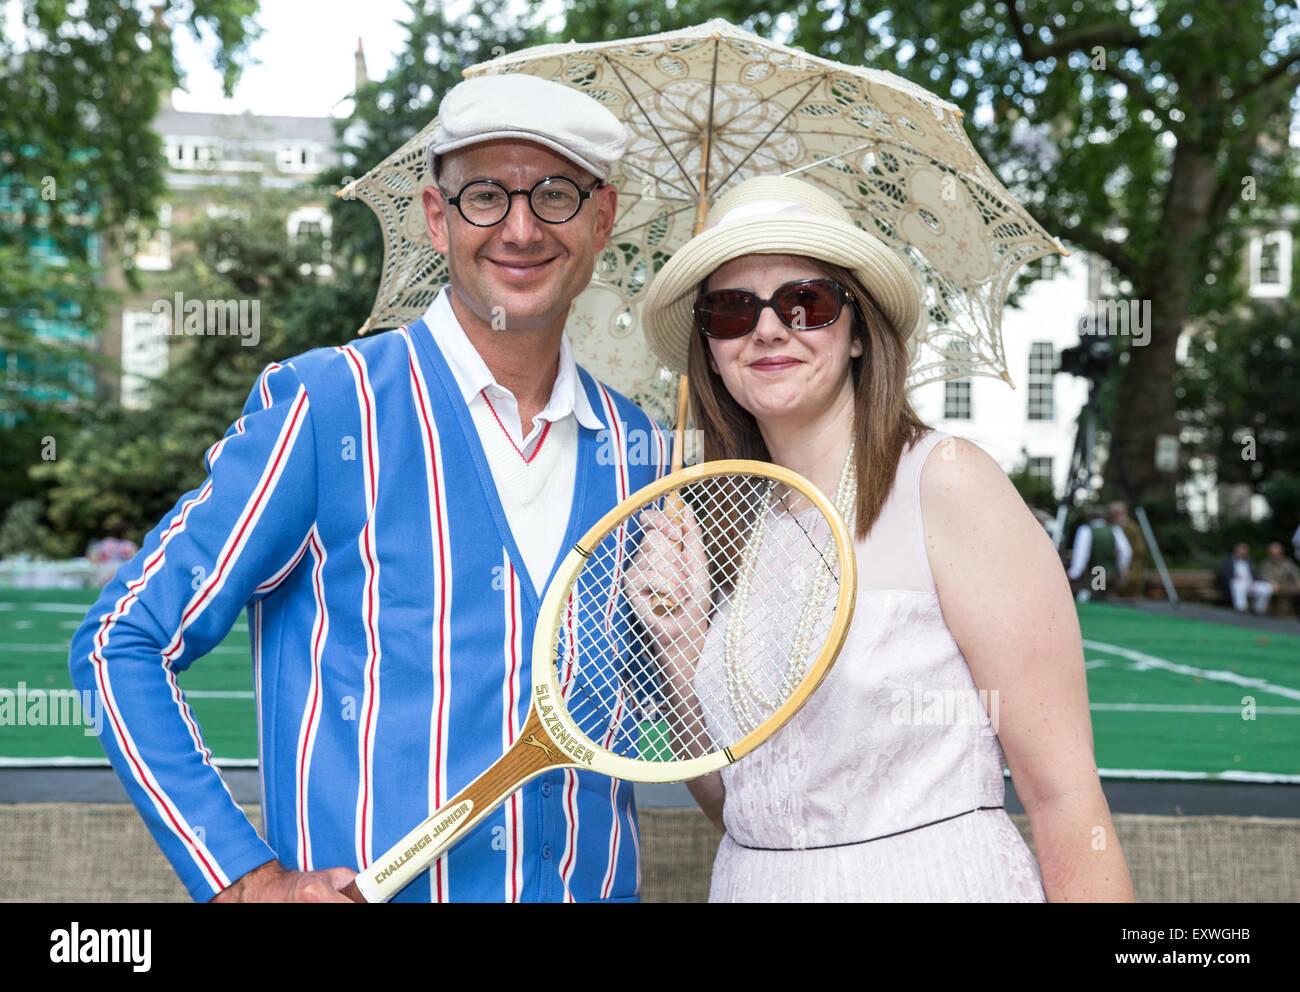 Tennis-Klatsch datieren